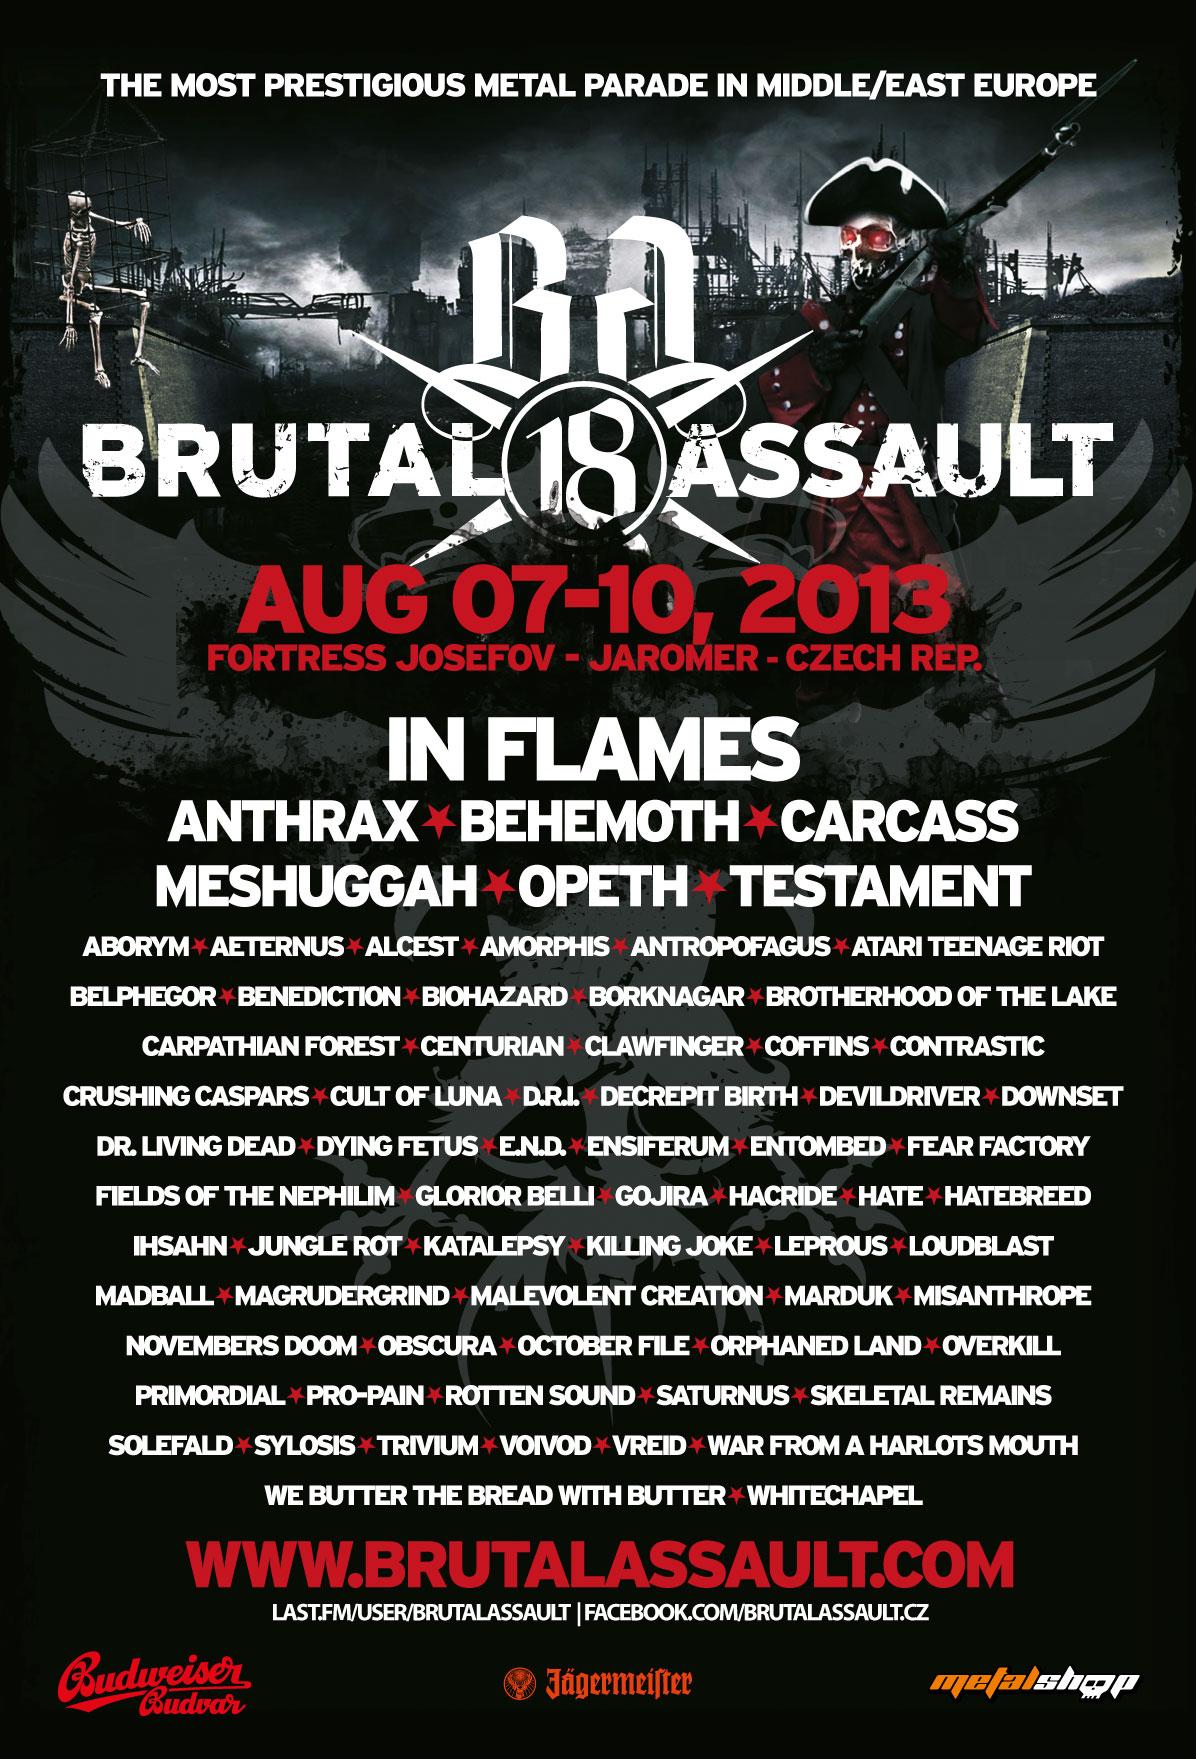 Brutal Assault 2013 Lineup